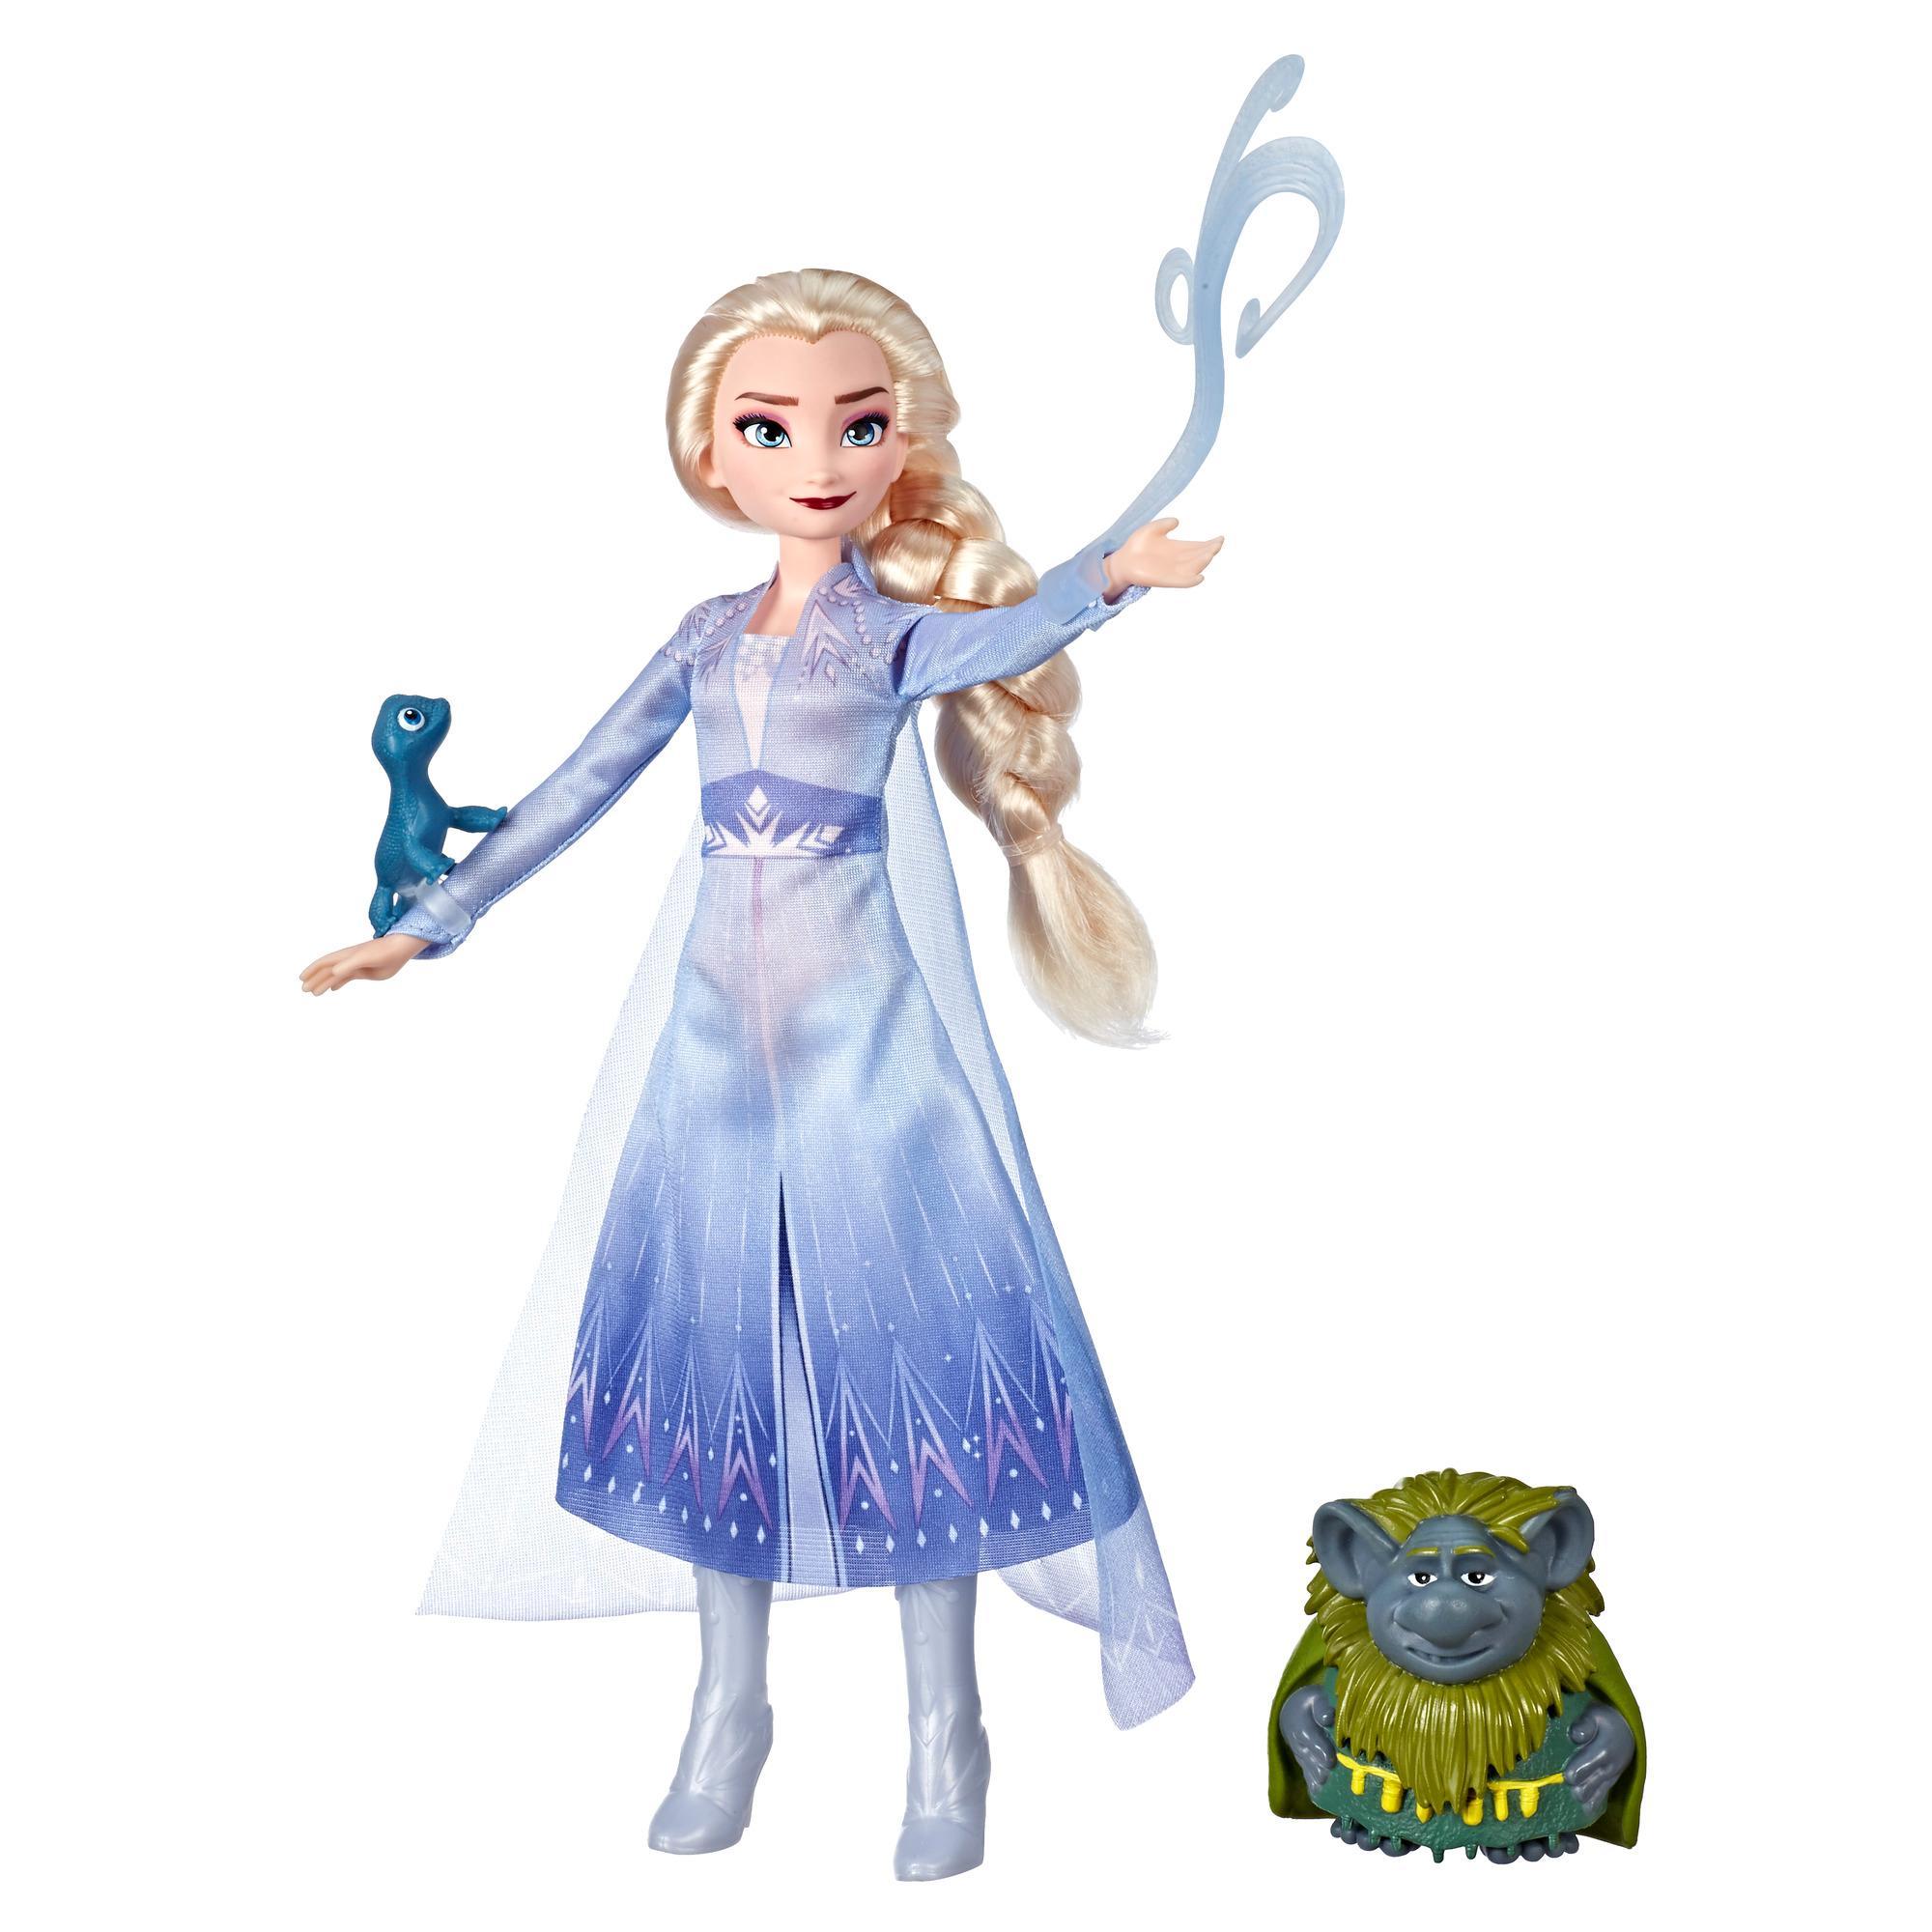 Disney Die Eiskönigin Elsa Puppe im Reise-Outfit, inspiriert durch den Film Die Eiskönigin 2, mit Pabbie und Salamander